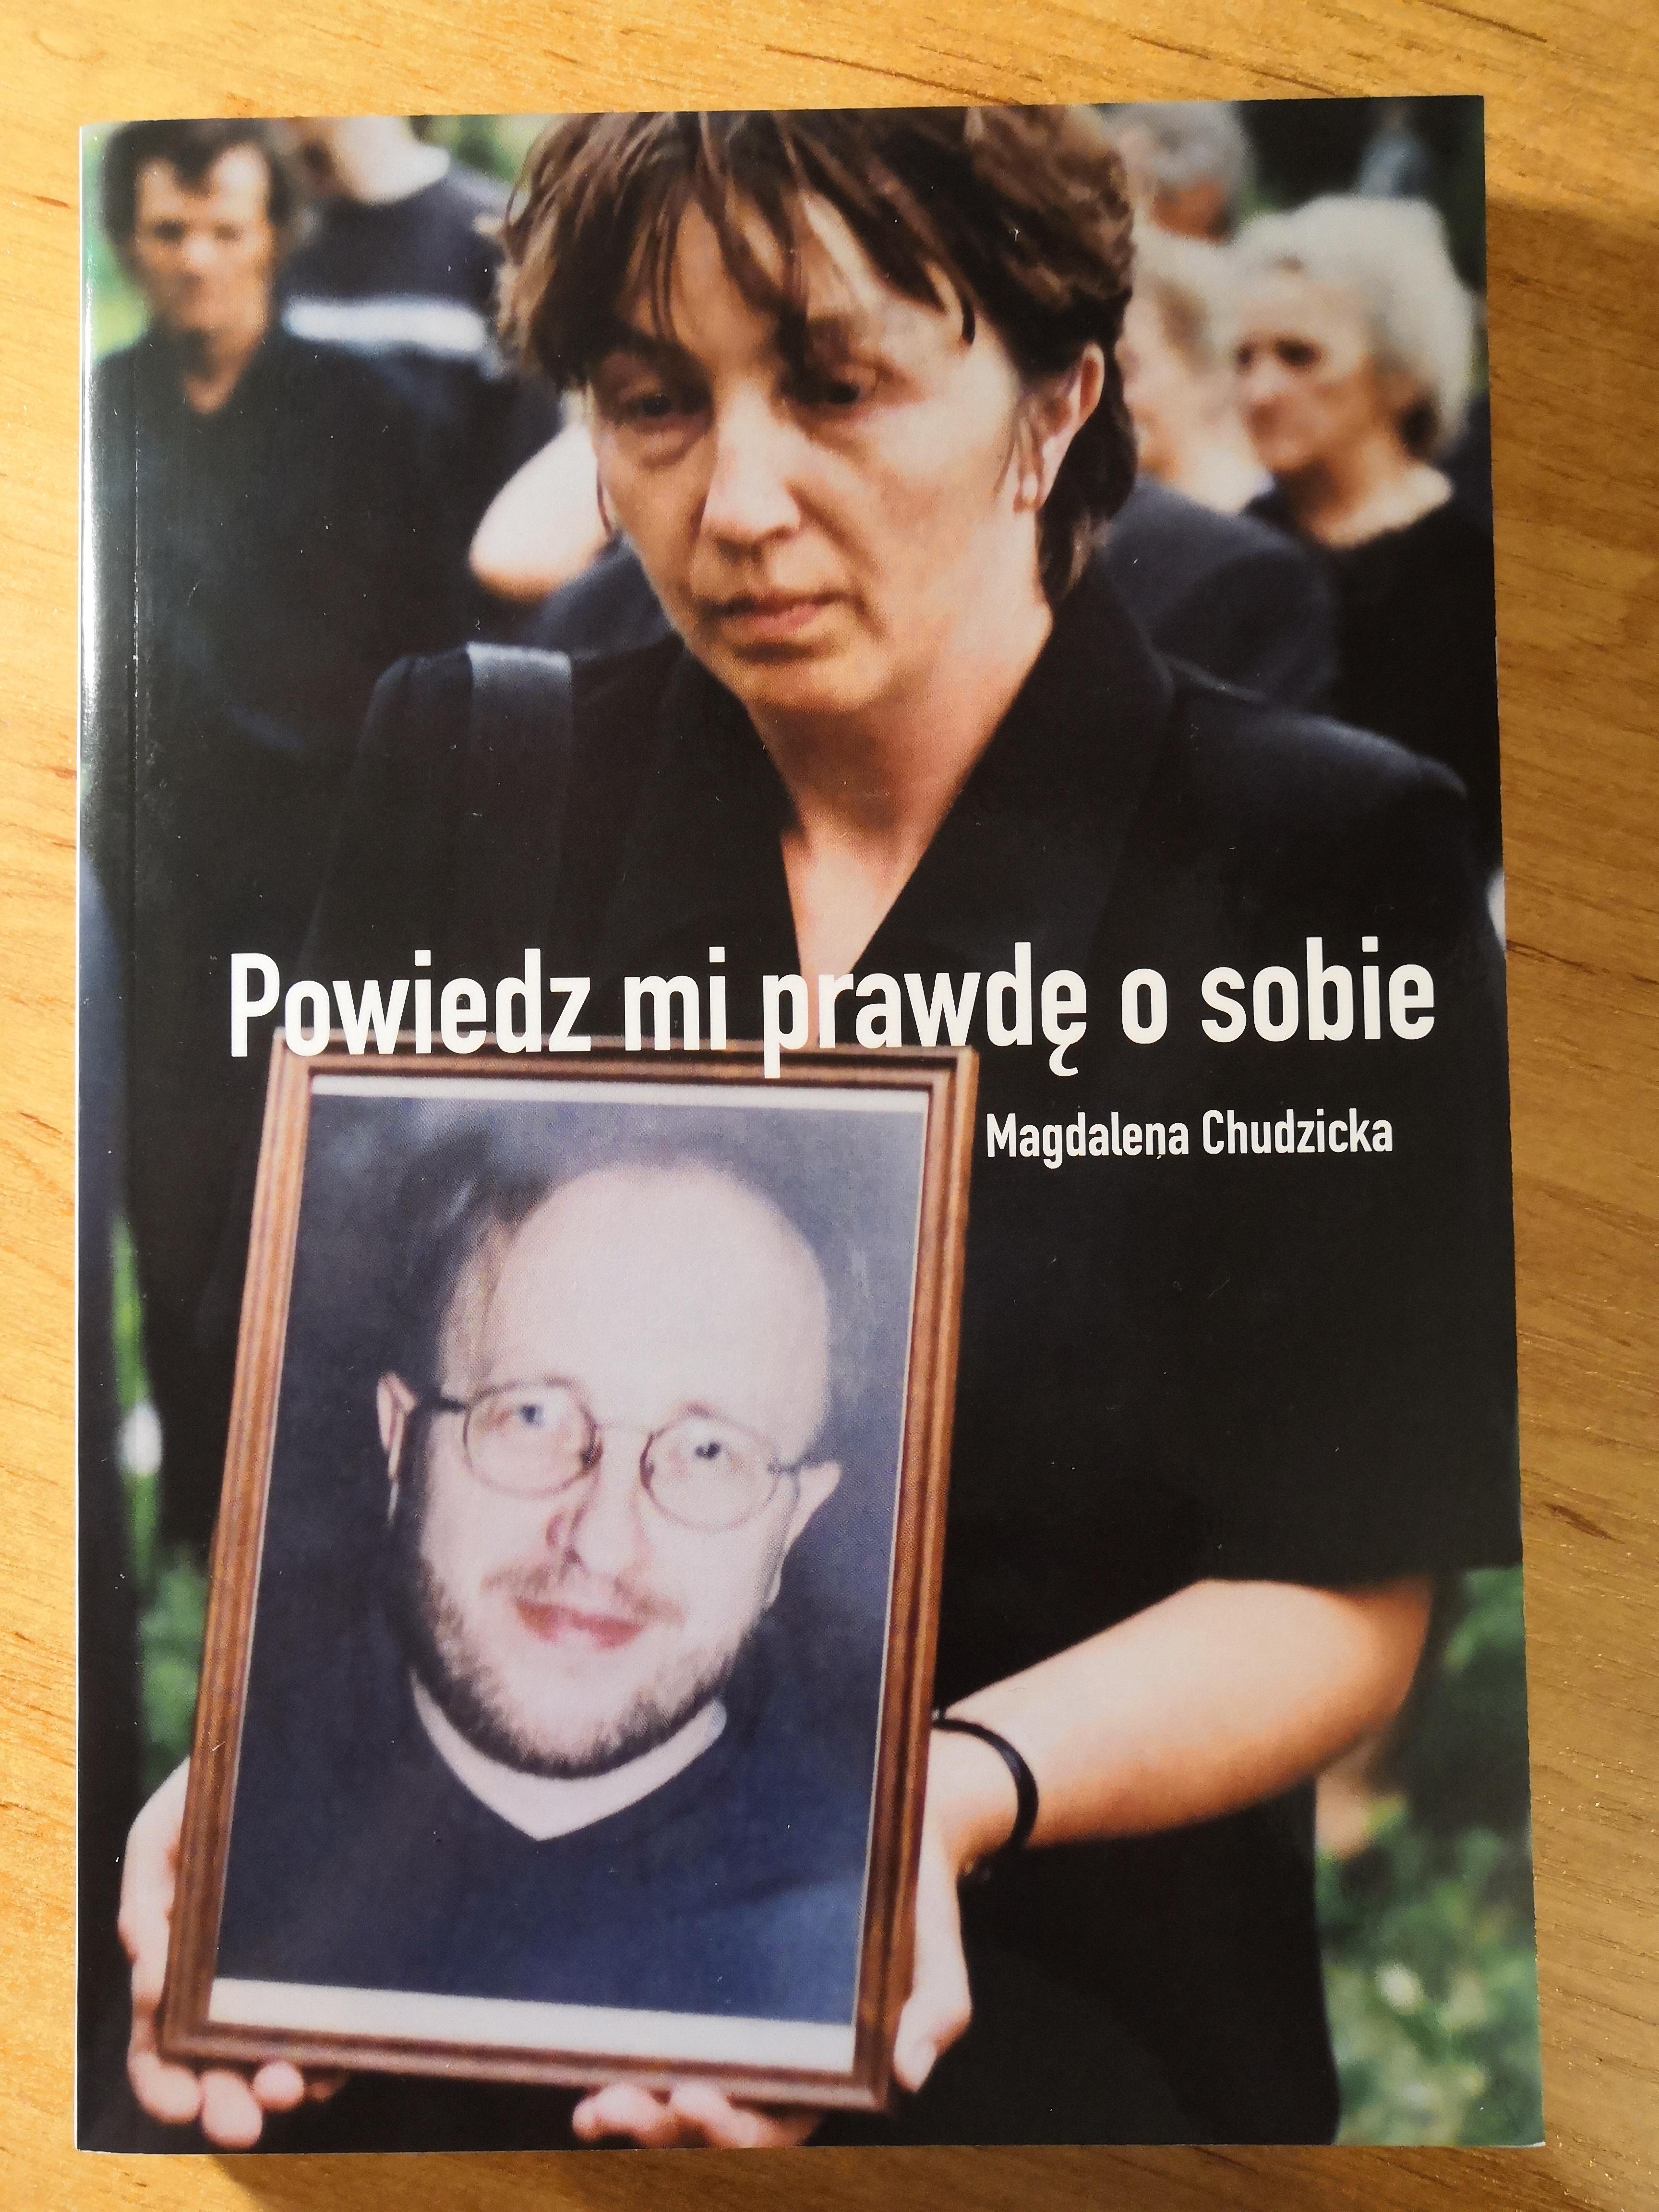 Powiedz mi prawdę o sobie Biografia o. Grzegorza Ciorocha (M.Chudzicka)